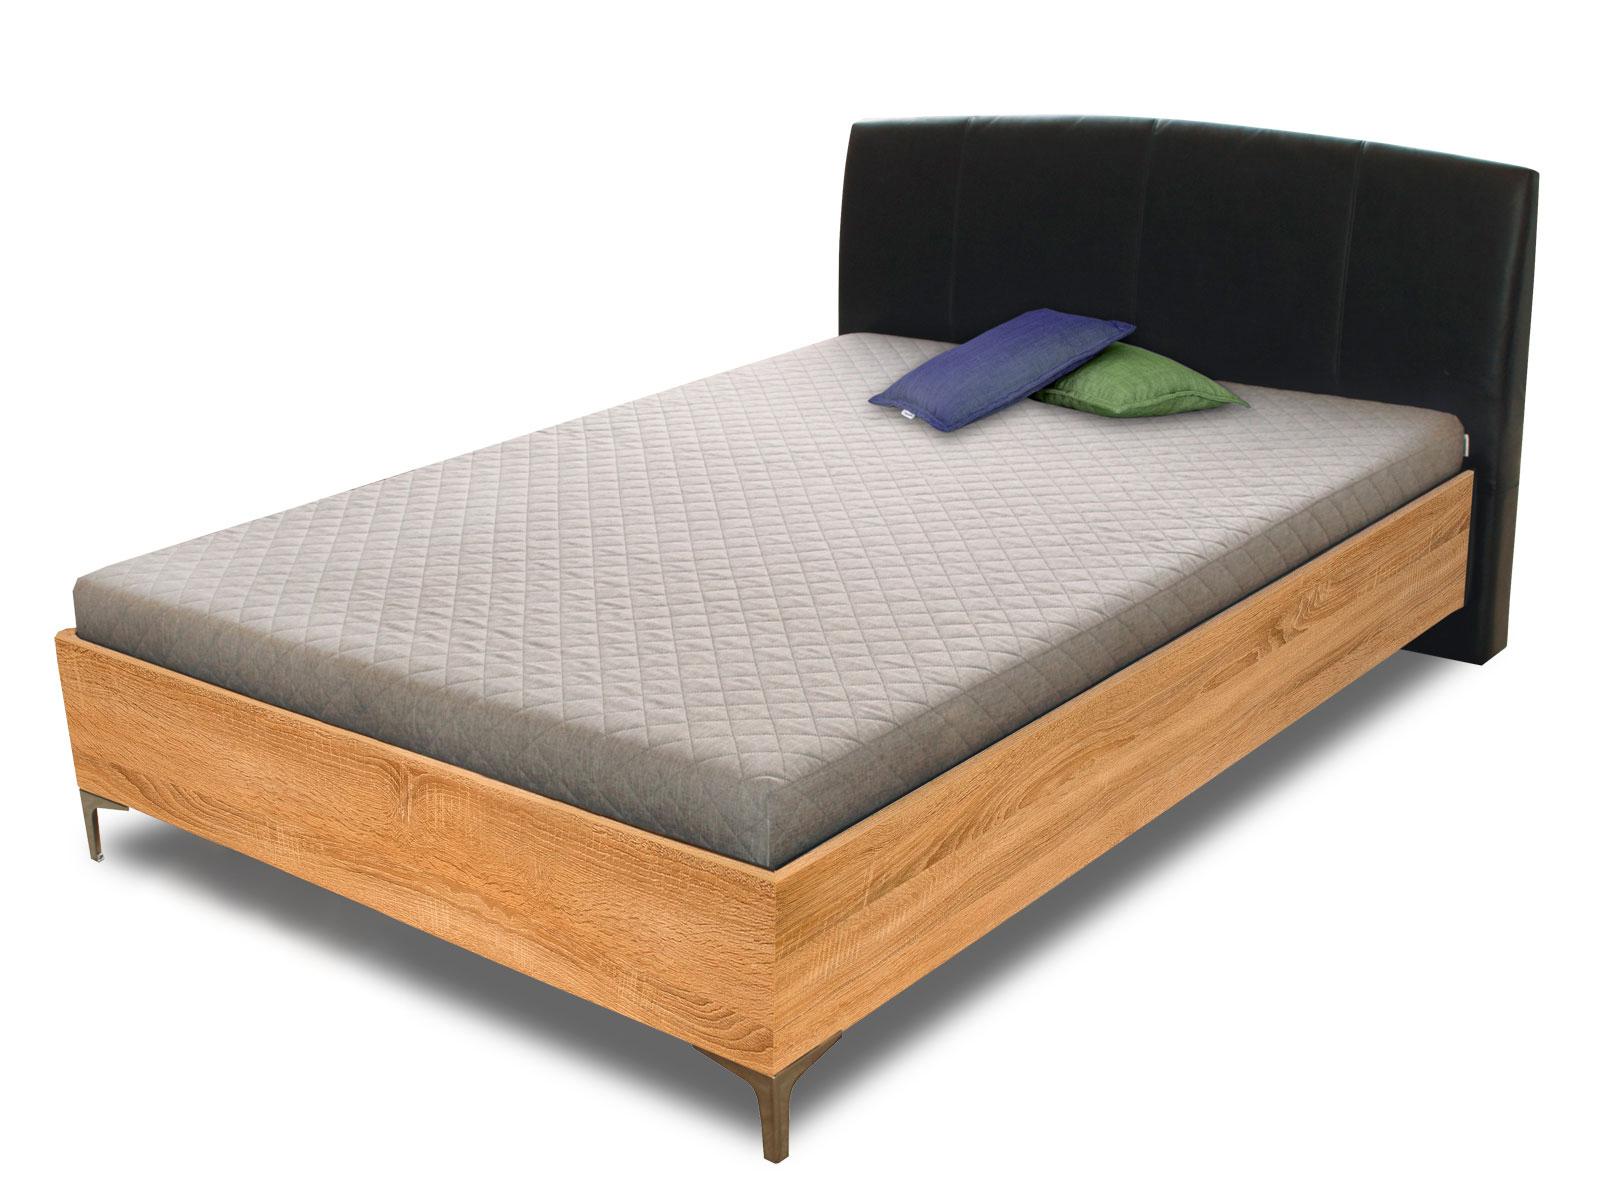 Manželská postel 140 cm - Benab - Elson wood (s rošty a matracemi)